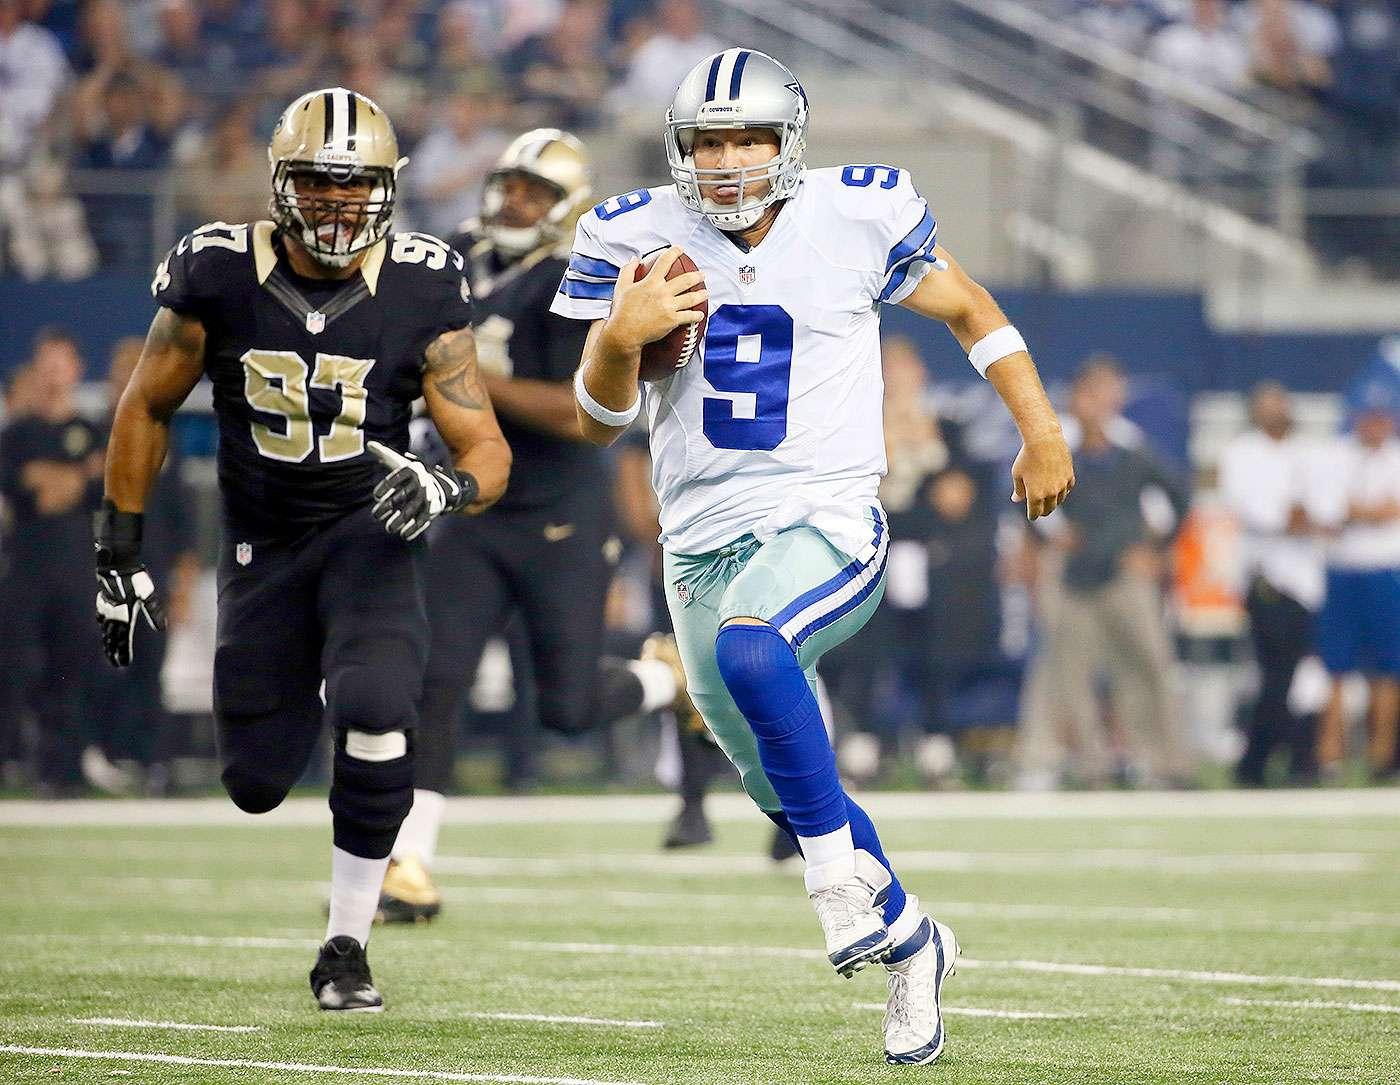 Tony Romo lanzó tres pases de touchdown dos de ellos a Terrance Williams y DeMarco Murray corrió para un par de anotaciones en otra actuación de 100 yardas para que los Dallas Cowboys vencieran por 38-17 a los New Orleans Saints en la semana 4 de la NFL 2014. Foto: AP